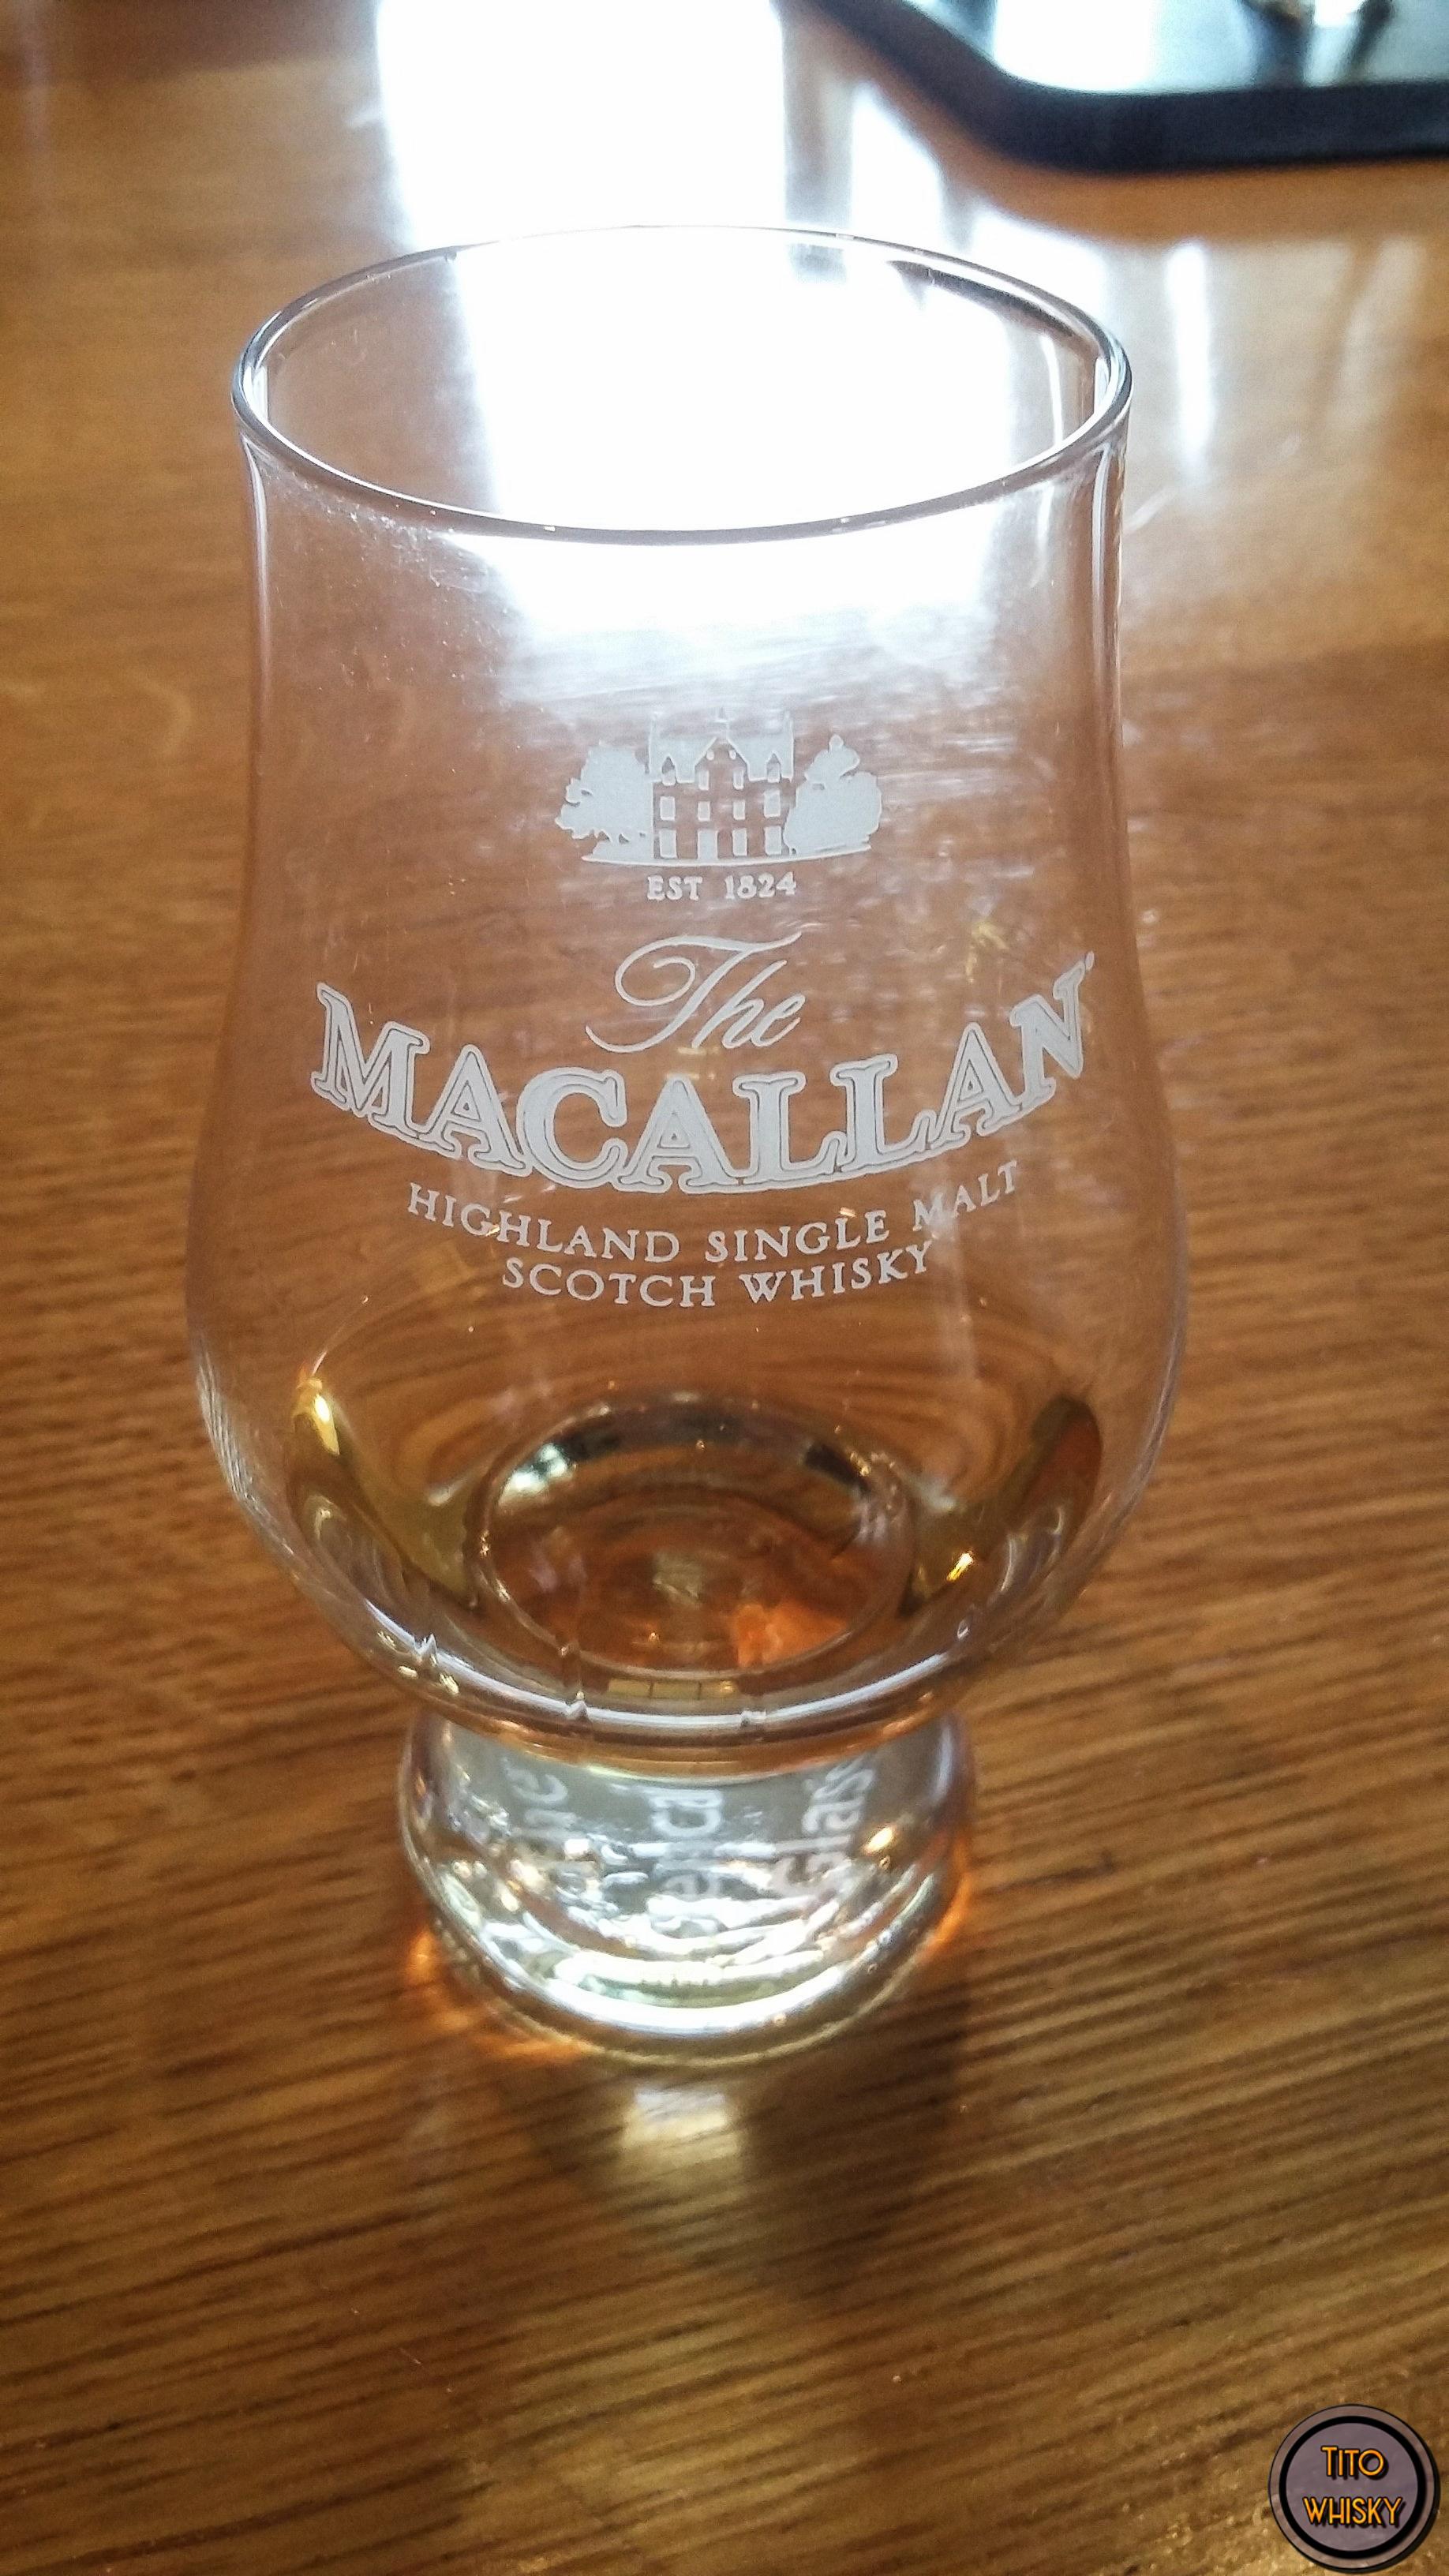 Degustando The Macallan